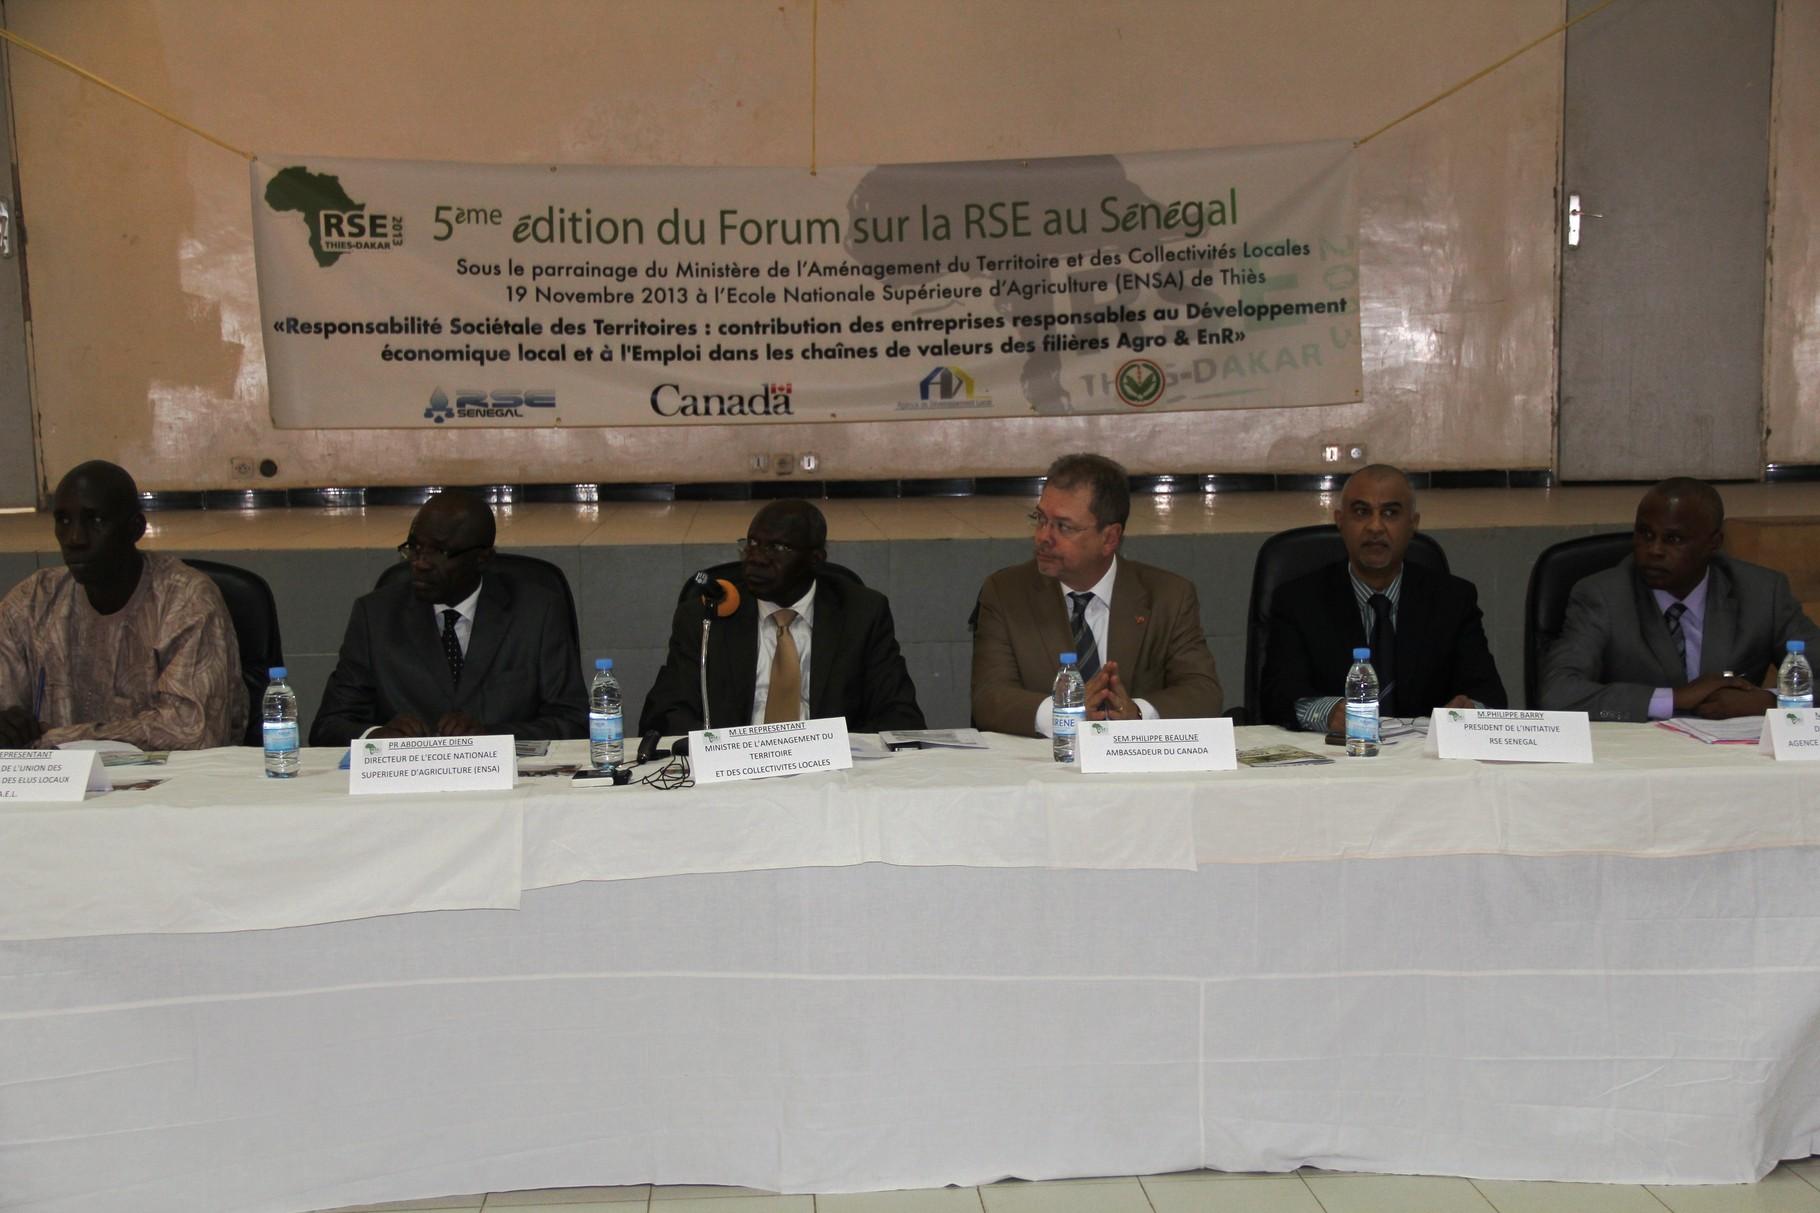 Forum RSE Senegal 2013 - parrainage : Ministère Aménagement du Territoire et Décentralisation